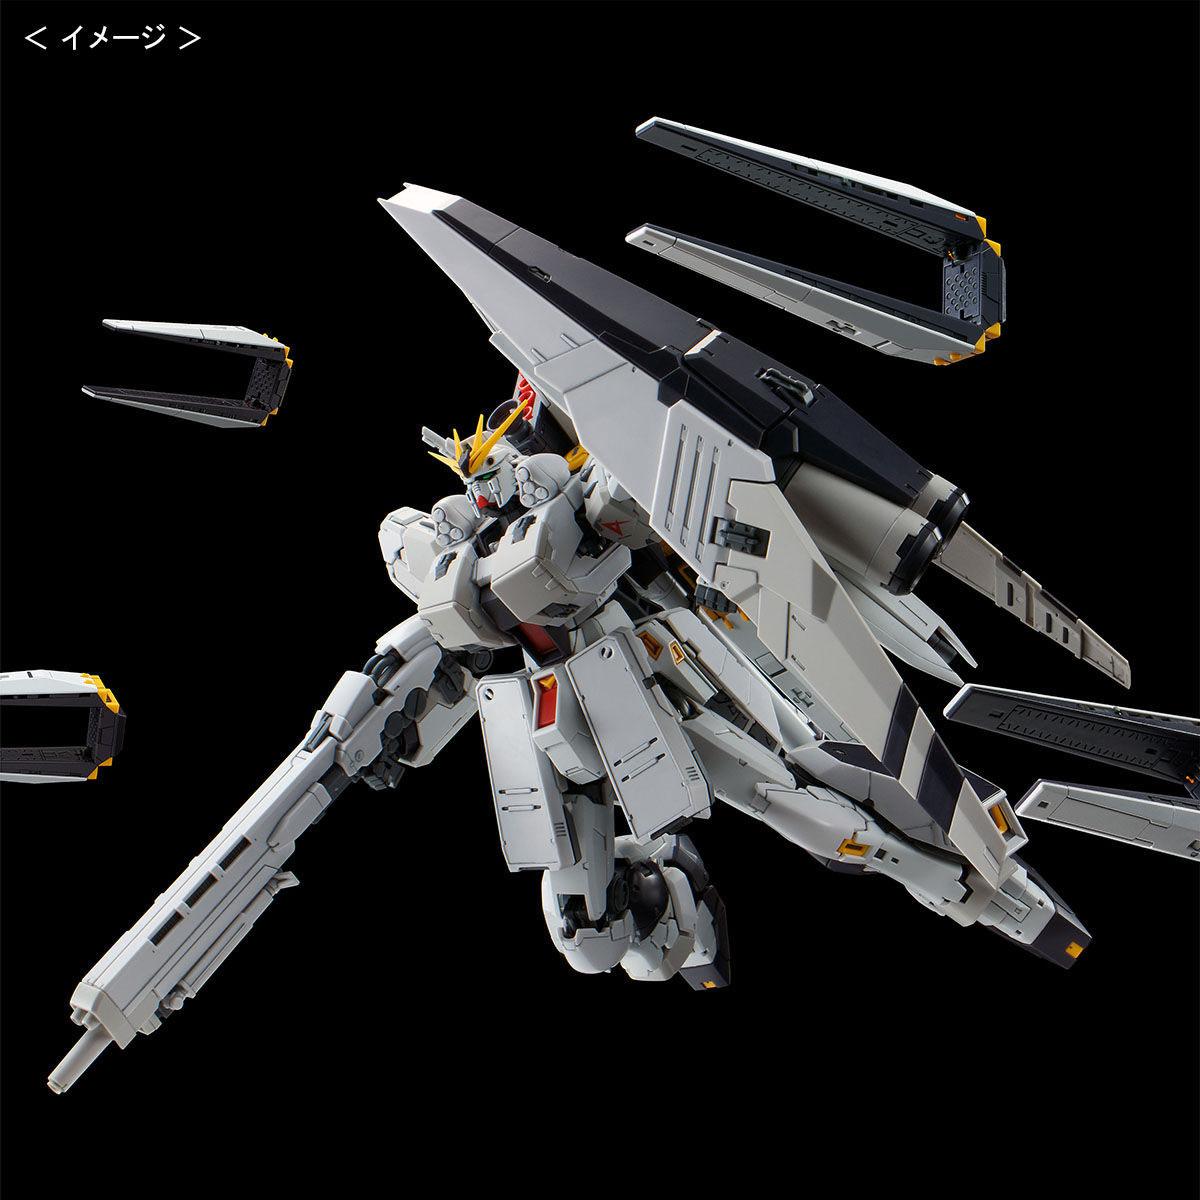 【限定販売】RG 1/144『νガンダム HWS』逆襲のシャア プラモデル-007